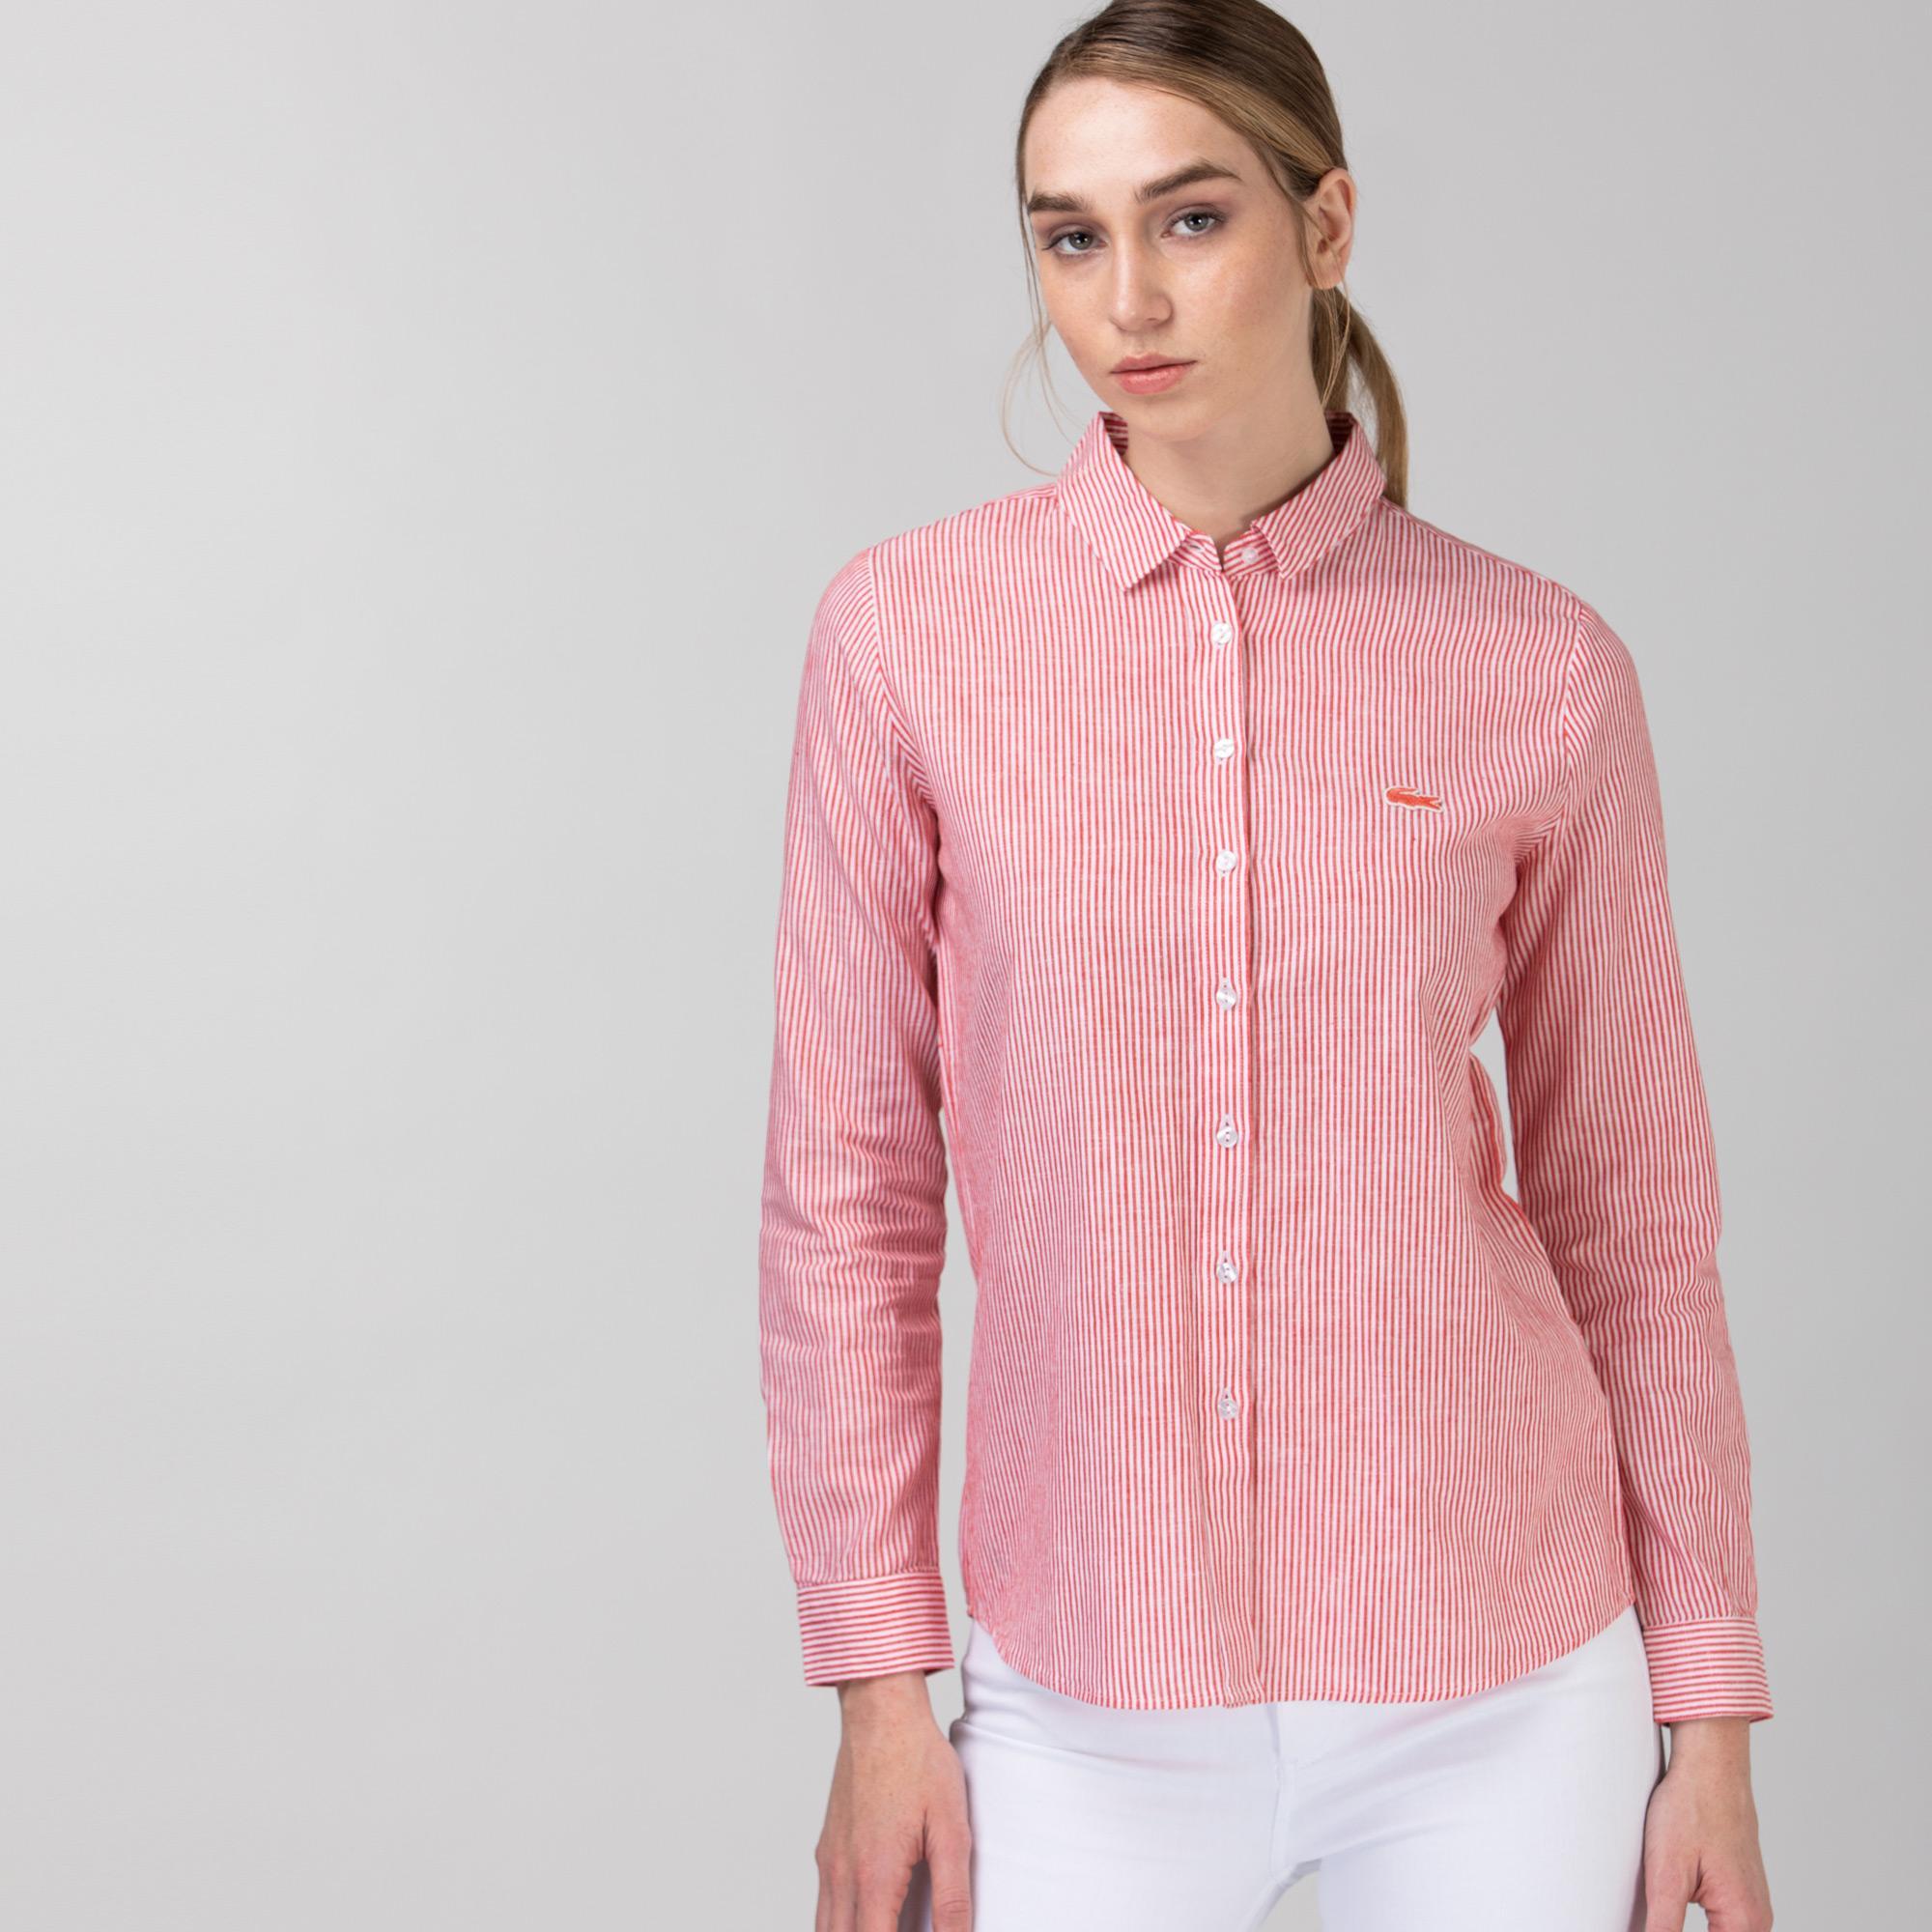 Lacoste Kadın Çizgili Kırmızı Gömlek